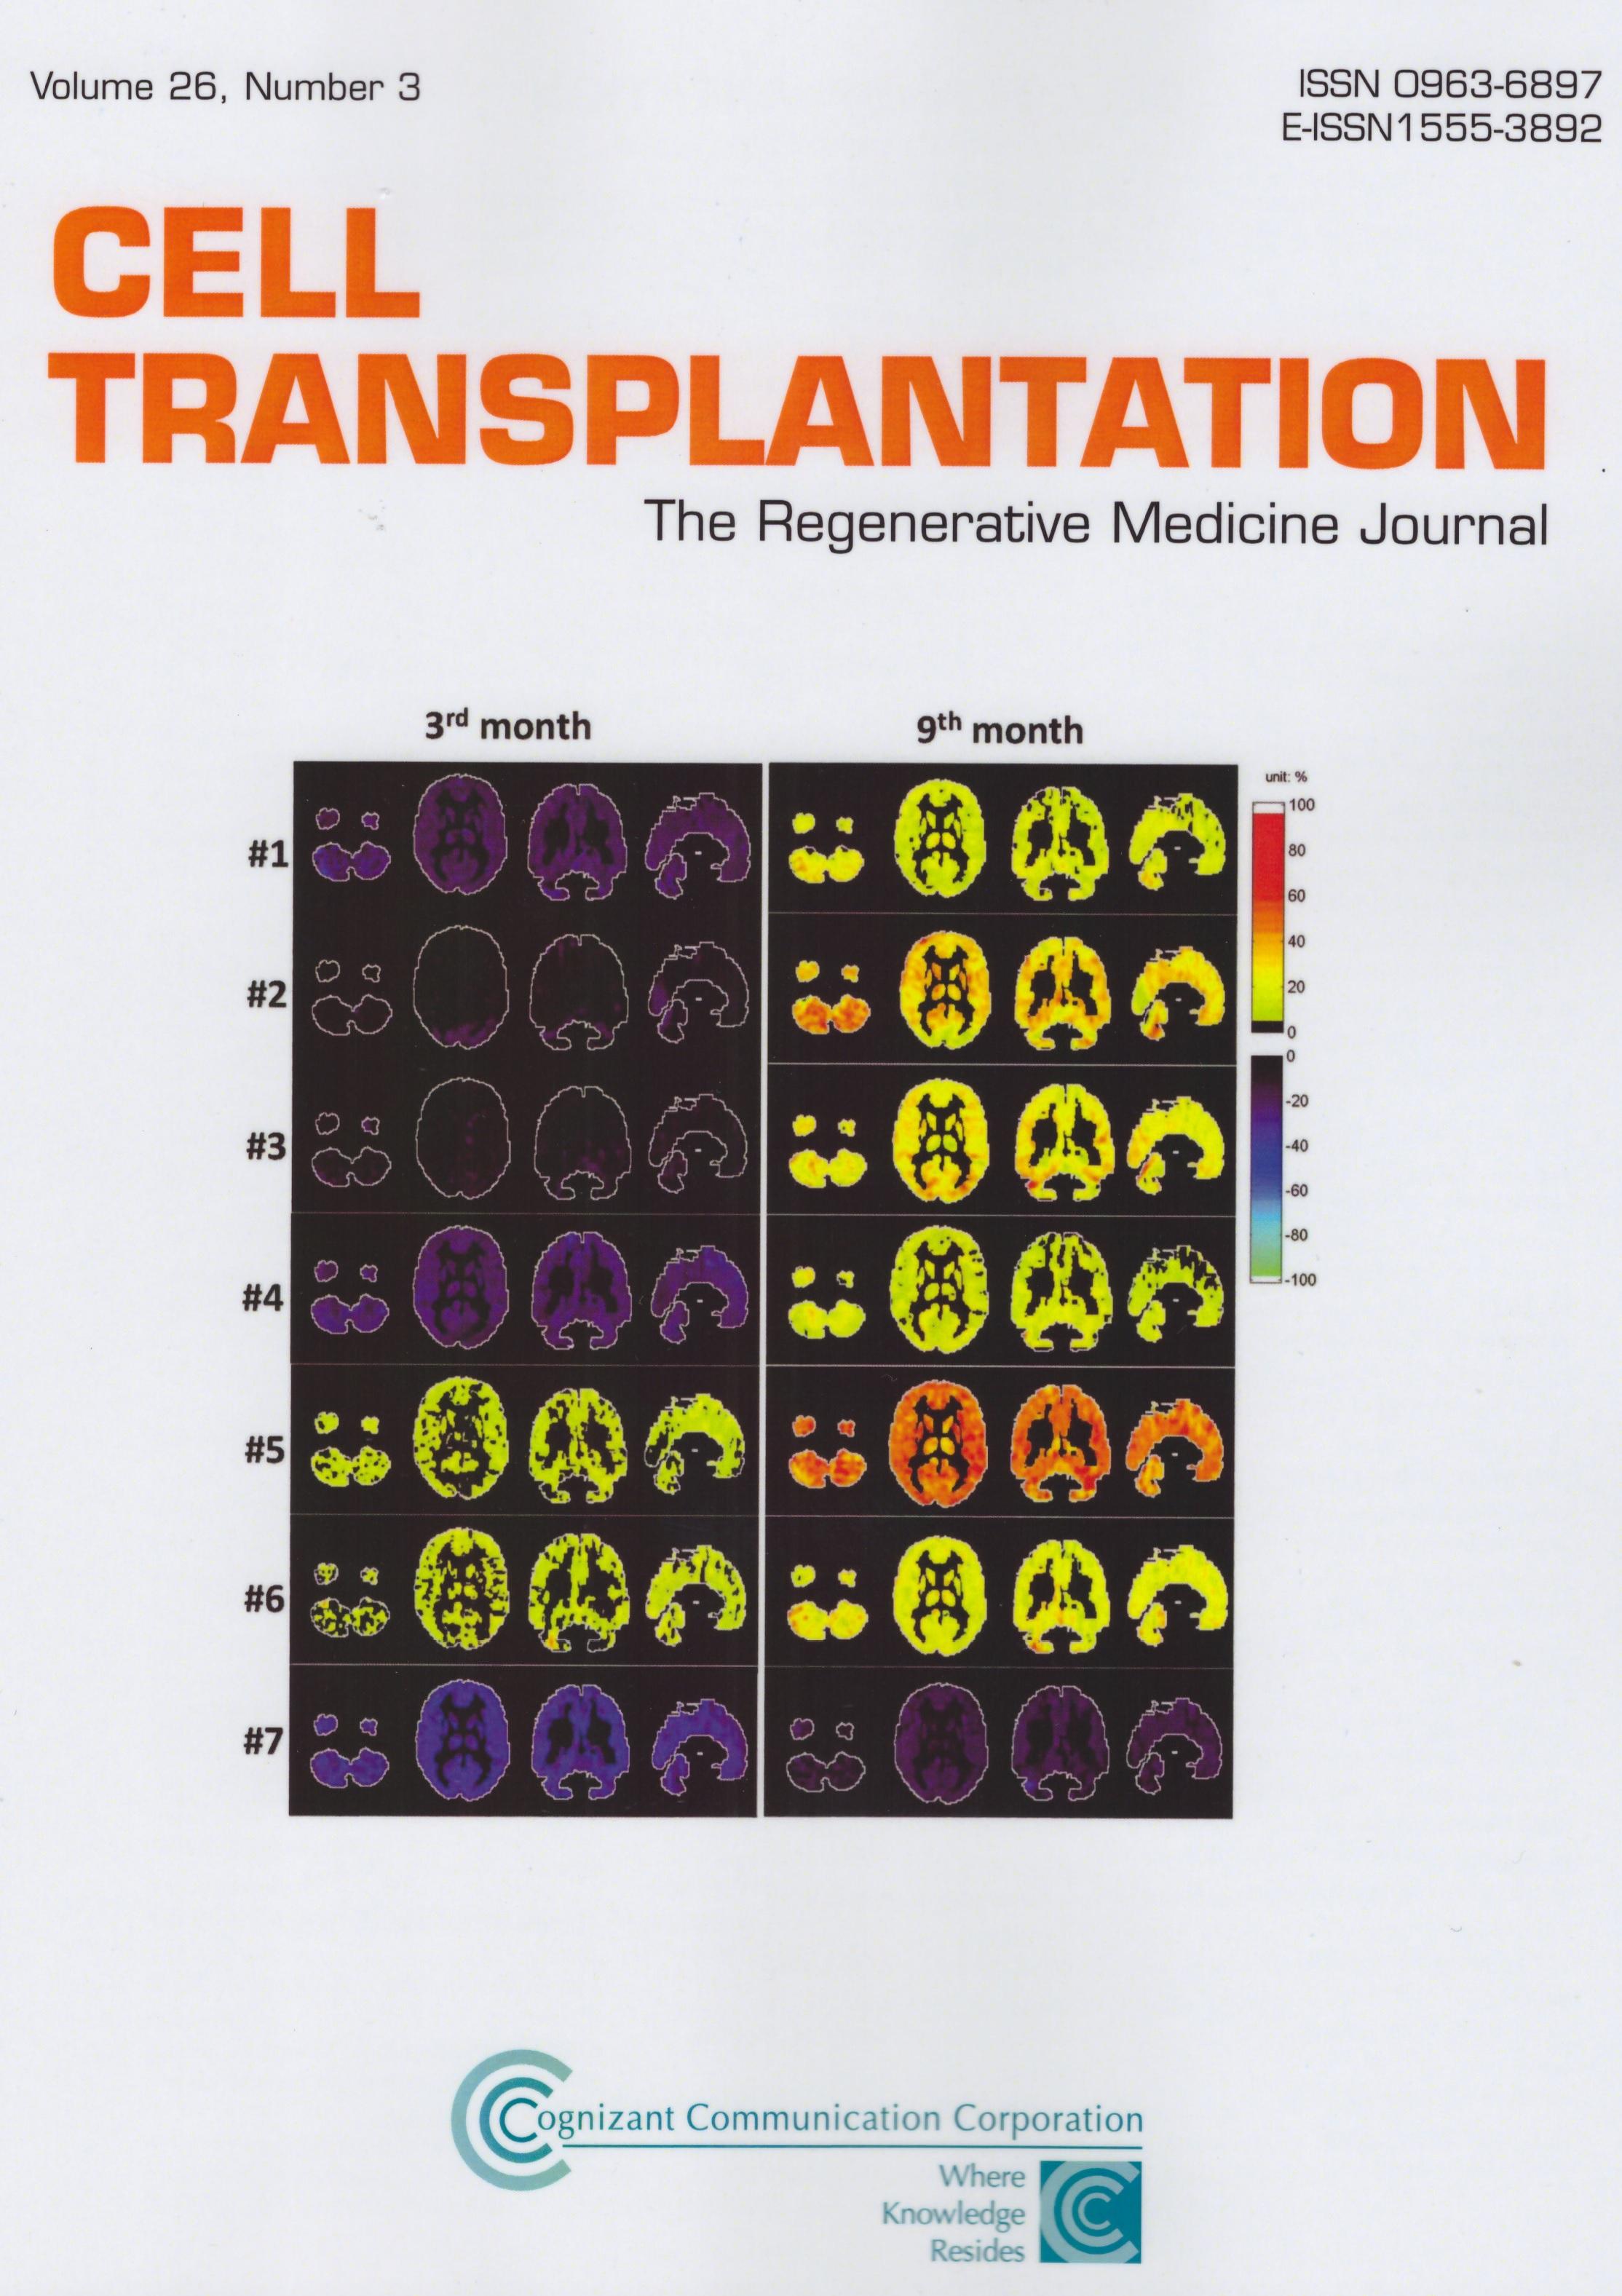 第一期幹細胞治療試驗成果獲選為Cell Transplantation雜誌封面圖片